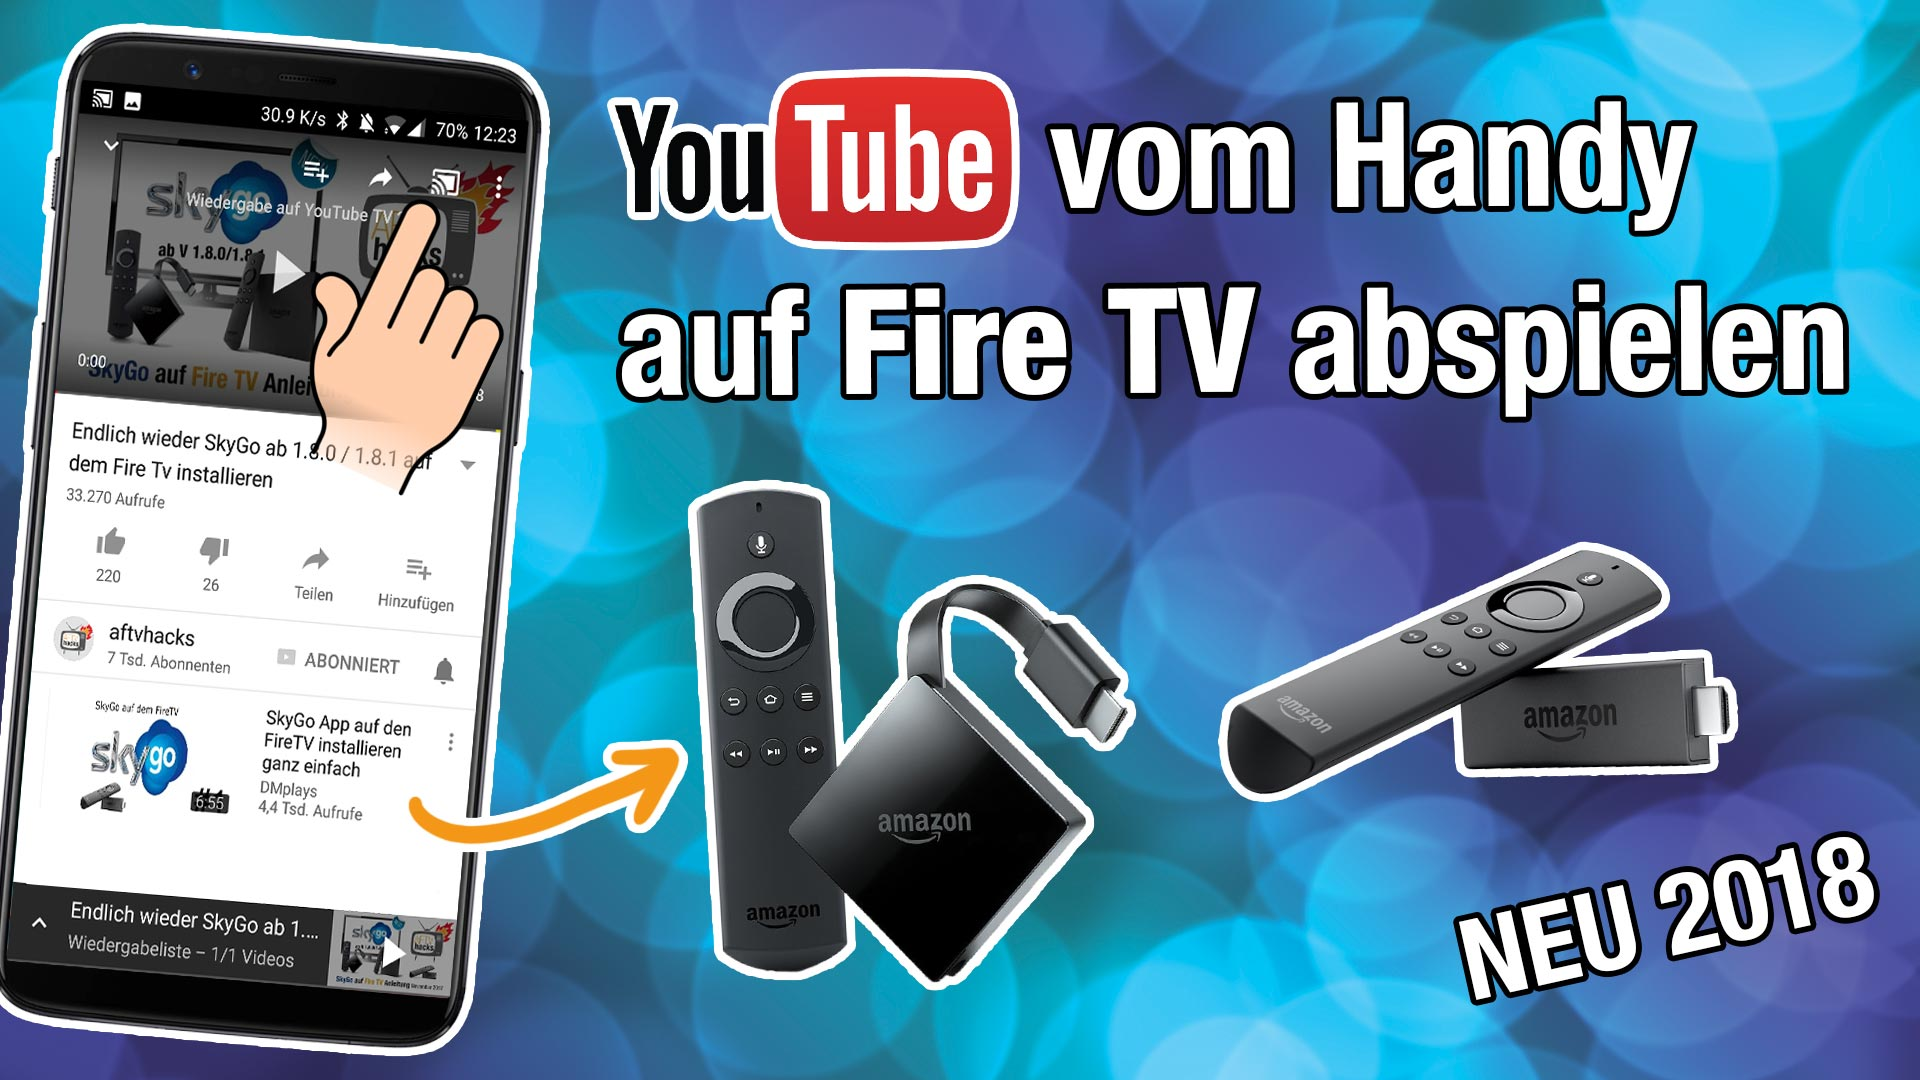 YouTube Videos vom Handy auf dem Fire TV abspielen 2018